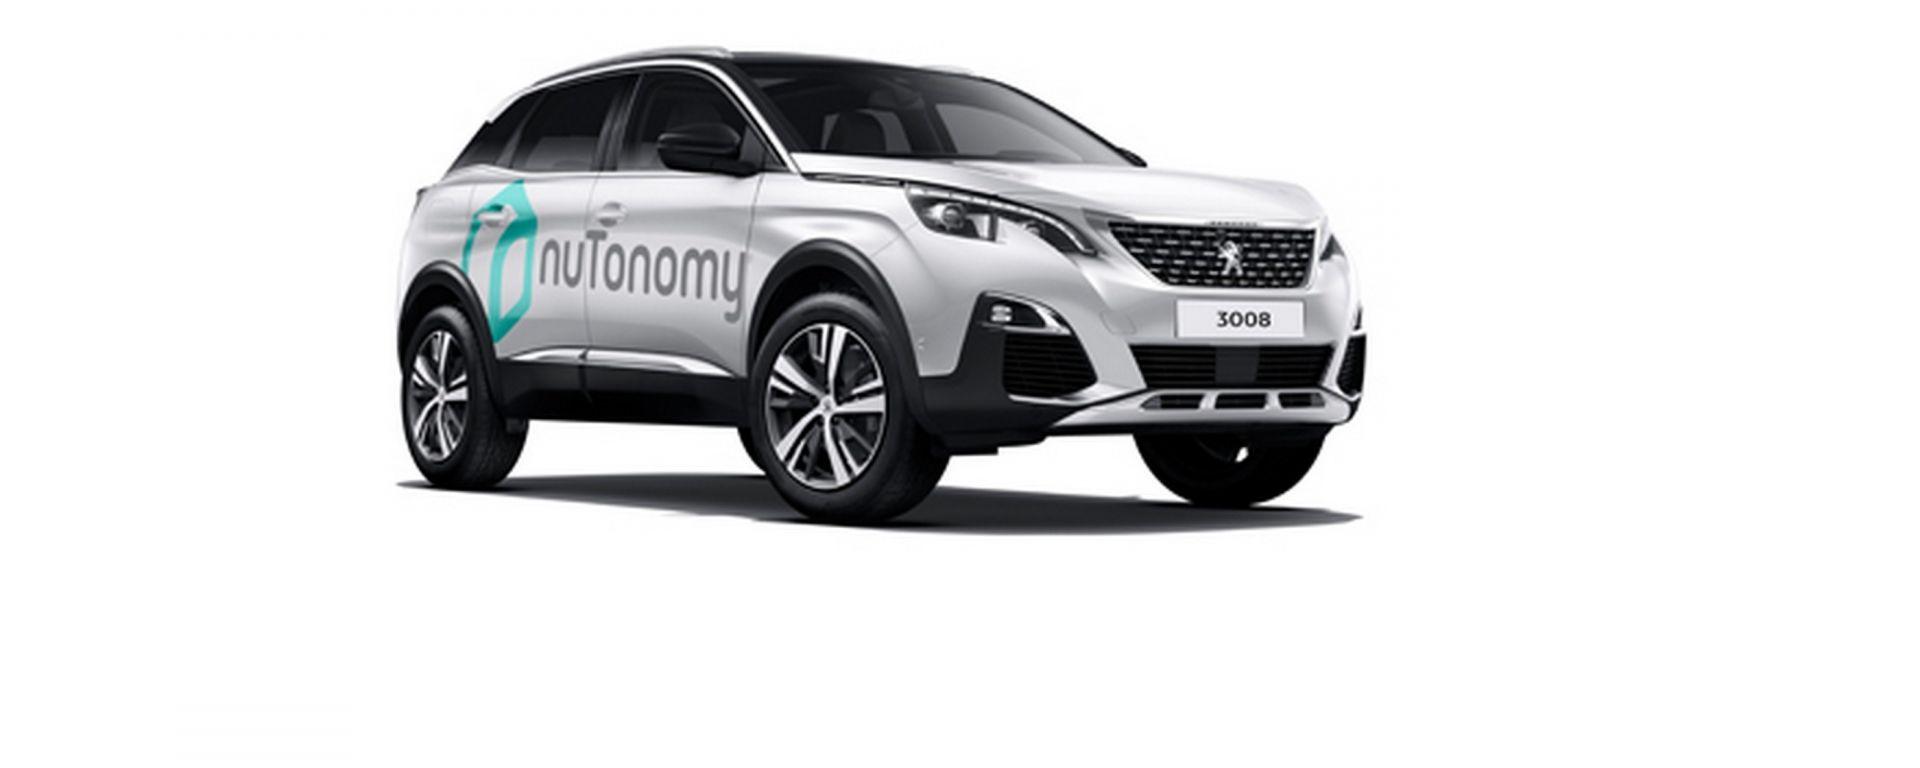 La nuova Peugeot 3008 monterà sensori e tecnologie firmate nuTonomy per la guida autonoma